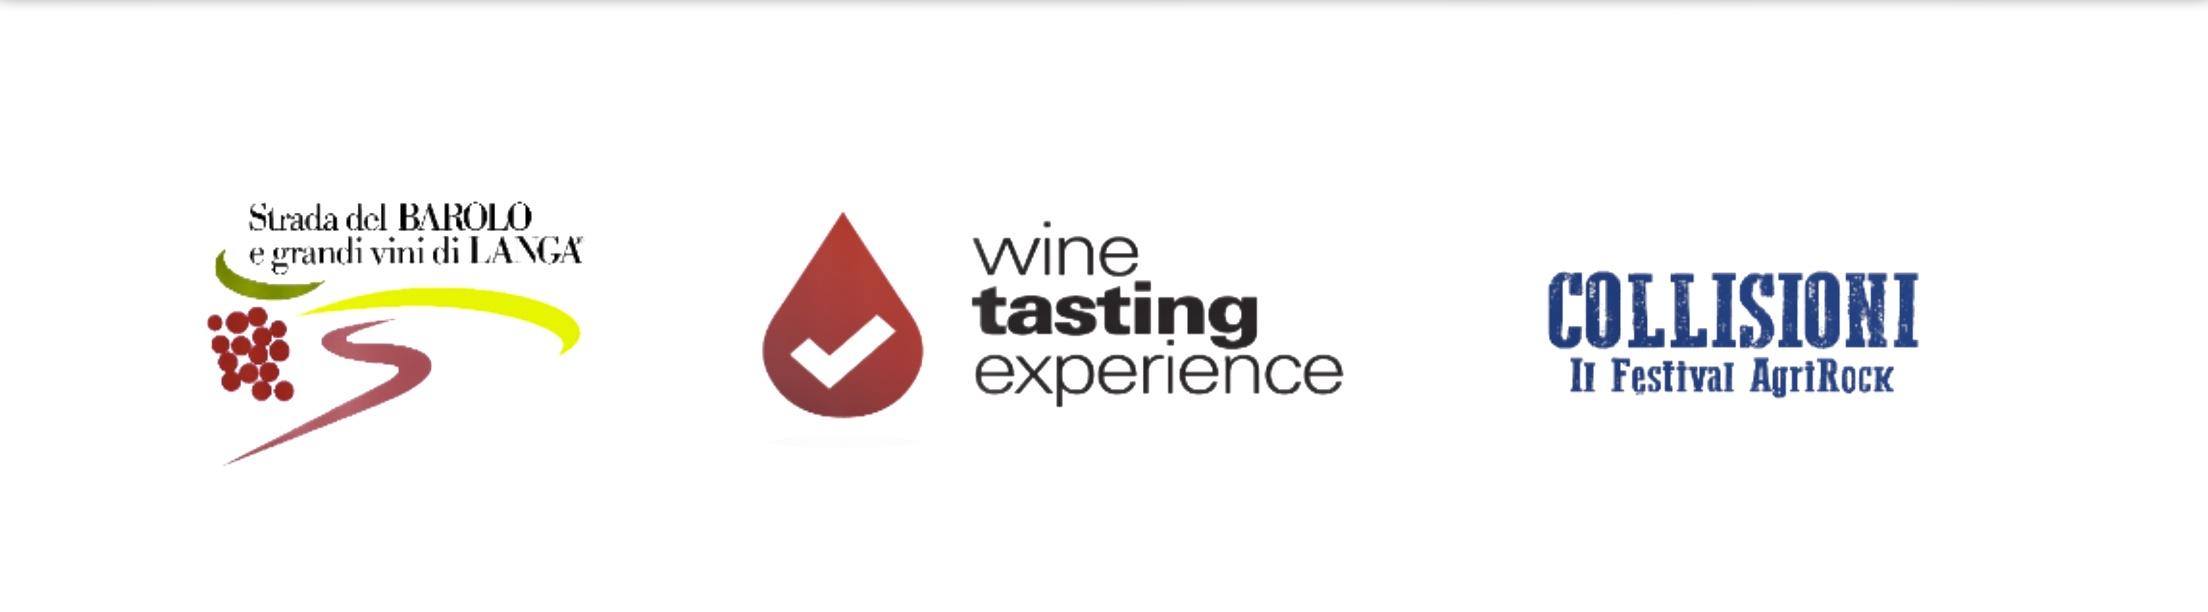 wine tasting experience Collisioni